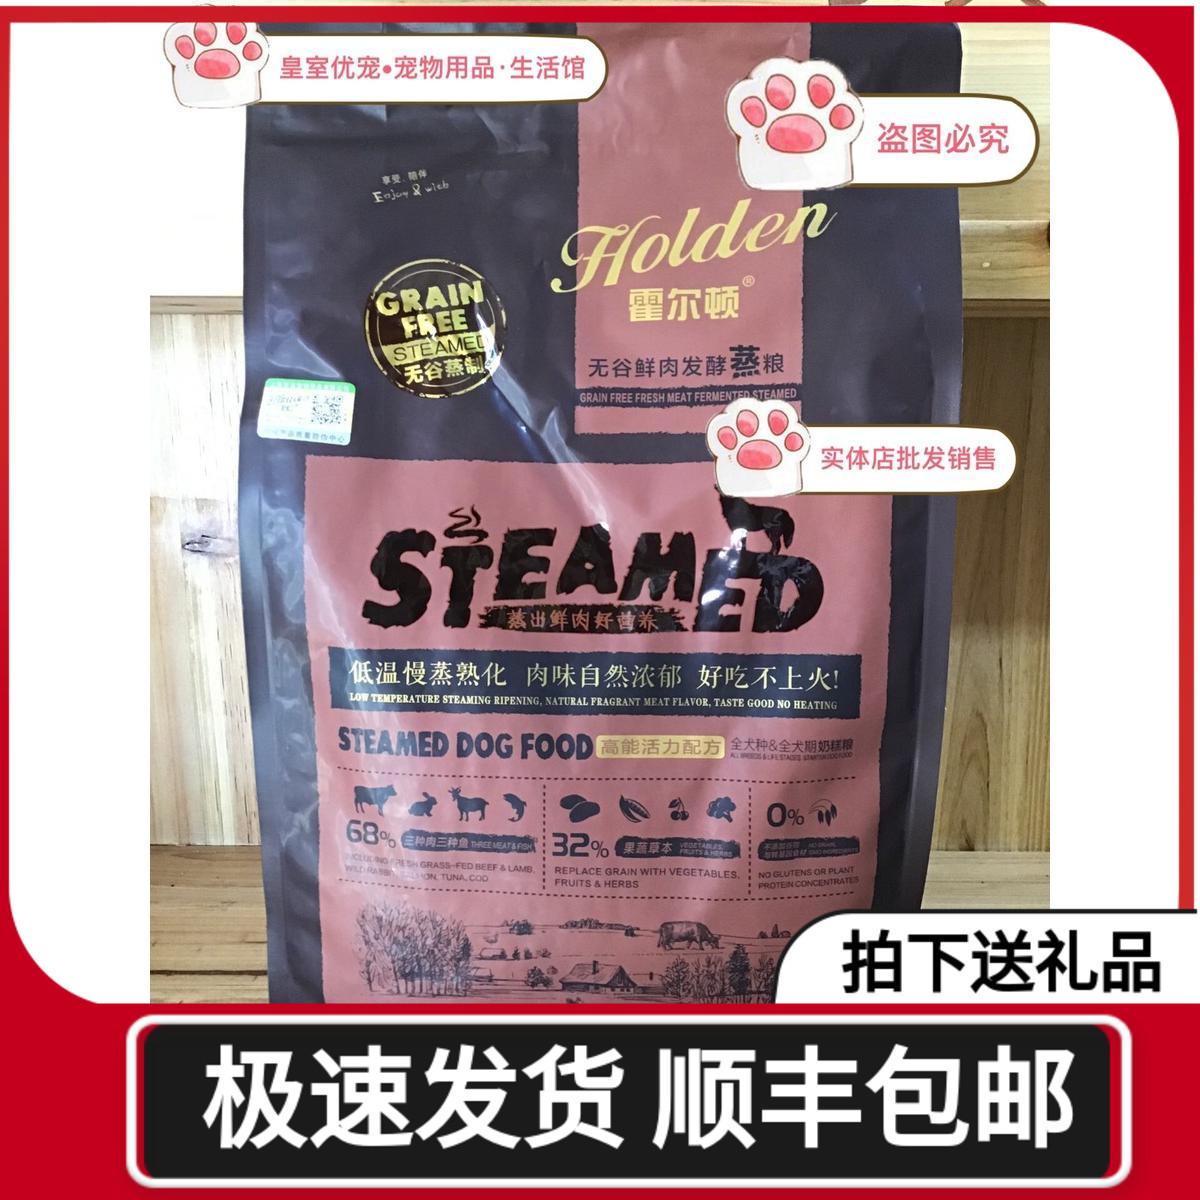 厂家直发霍尔顿蒸粮无谷鲜肉发酵全犬种全期通用型狗粮2.5kg包邮